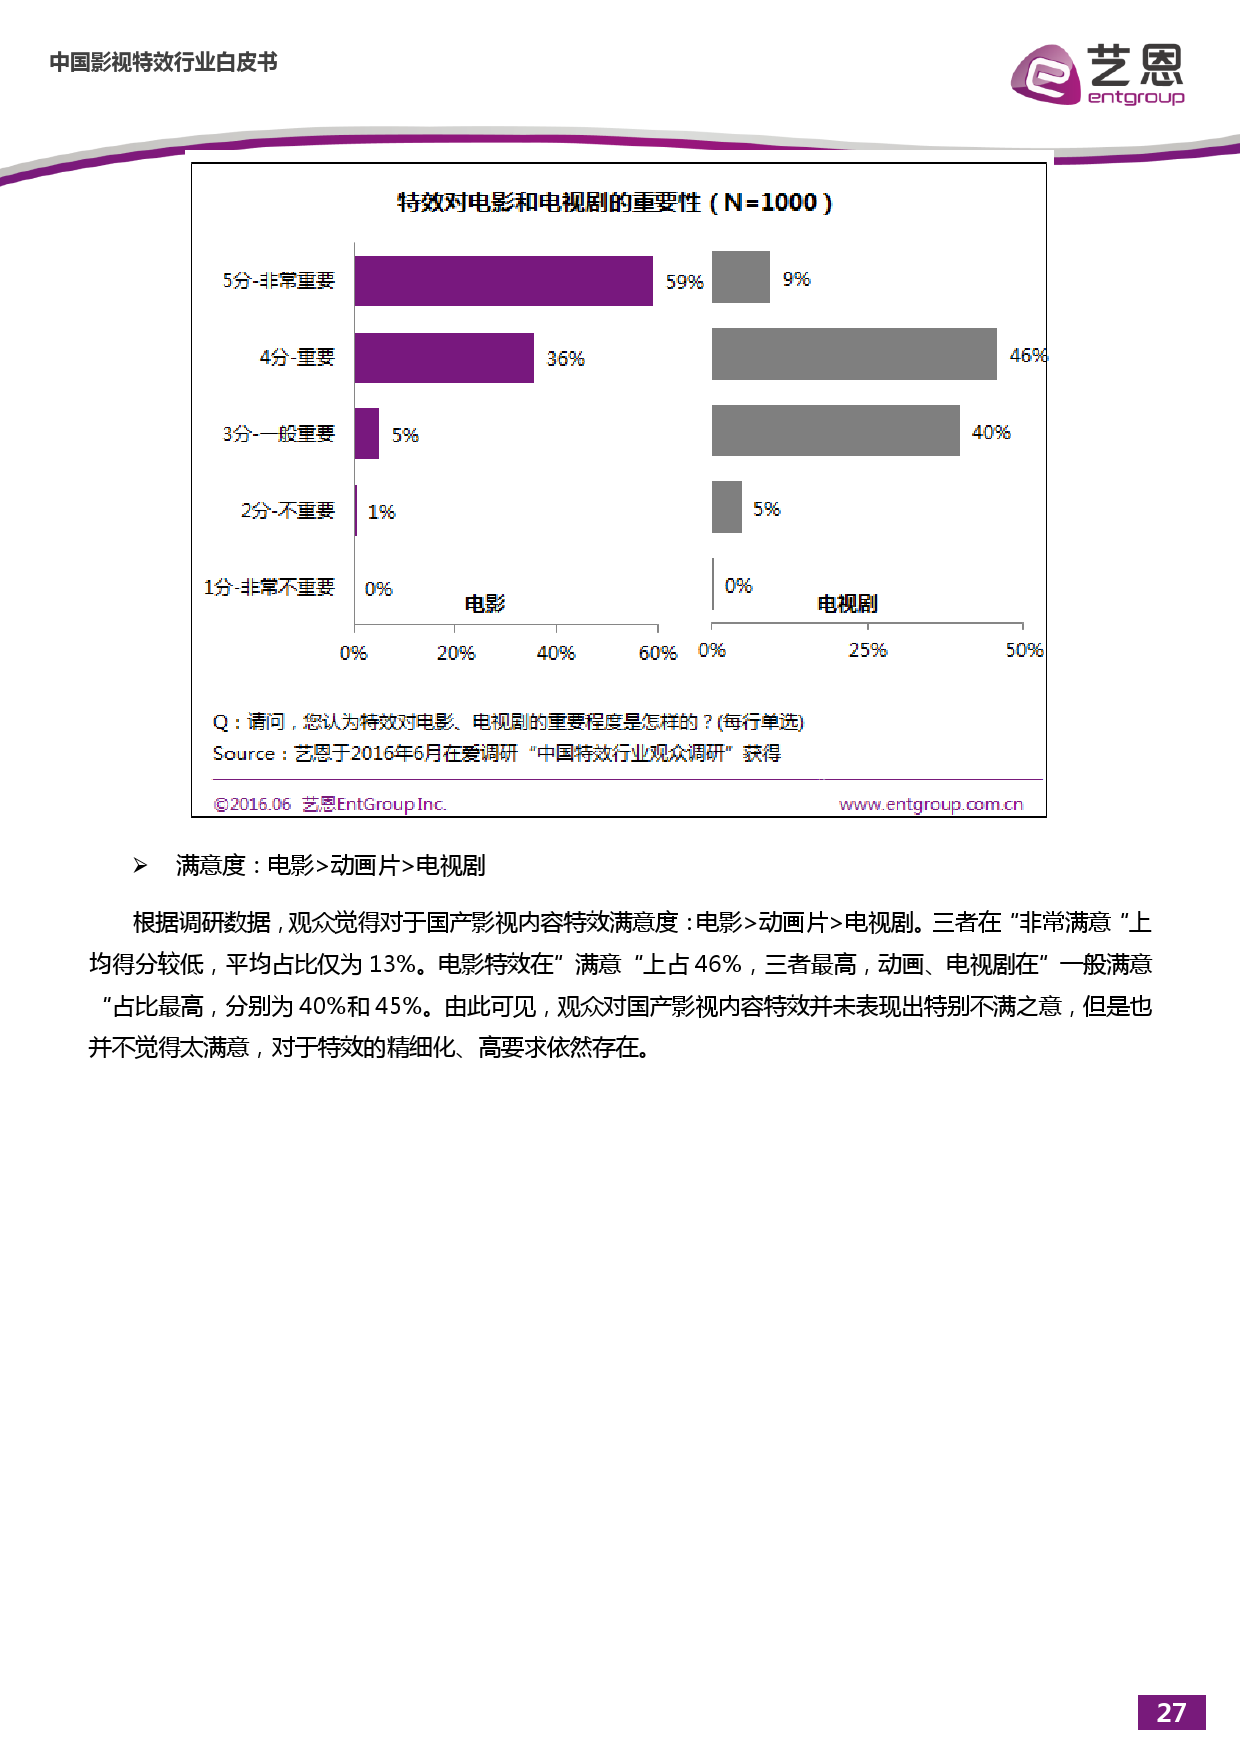 %e4%b8%ad%e5%9b%bd%e5%bd%b1%e8%a7%86%e7%89%b9%e6%95%88%e5%b8%82%e5%9c%ba%e7%a0%94%e7%a9%b6%e6%8a%a5%e5%91%8a_000028